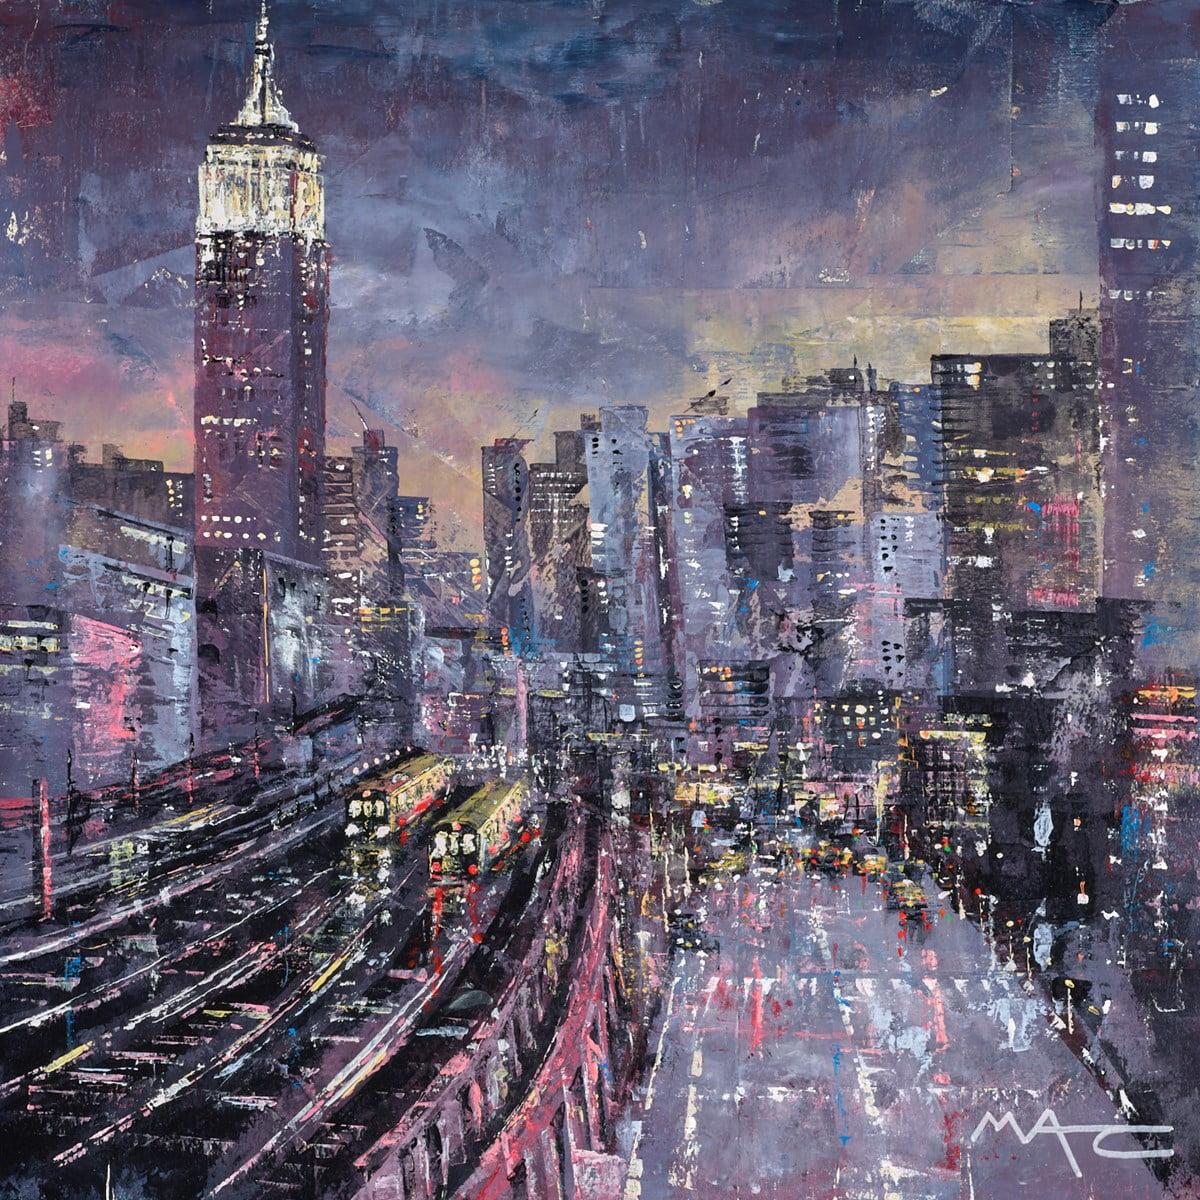 New York Rail ~ Mark Curryer